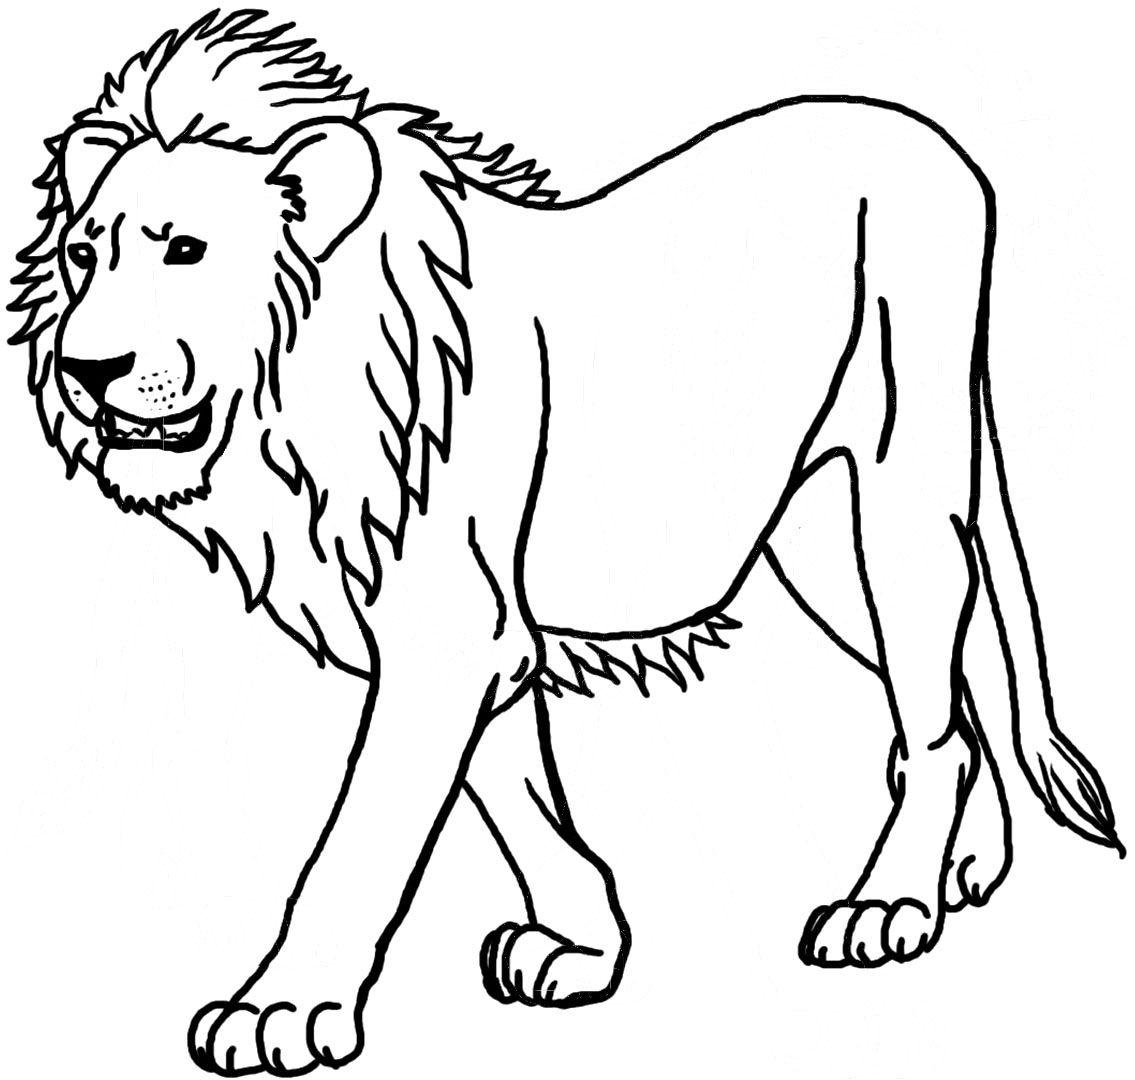 Lion coloring pages - coloringtop.com | Spring! | Pinterest | Lions ...